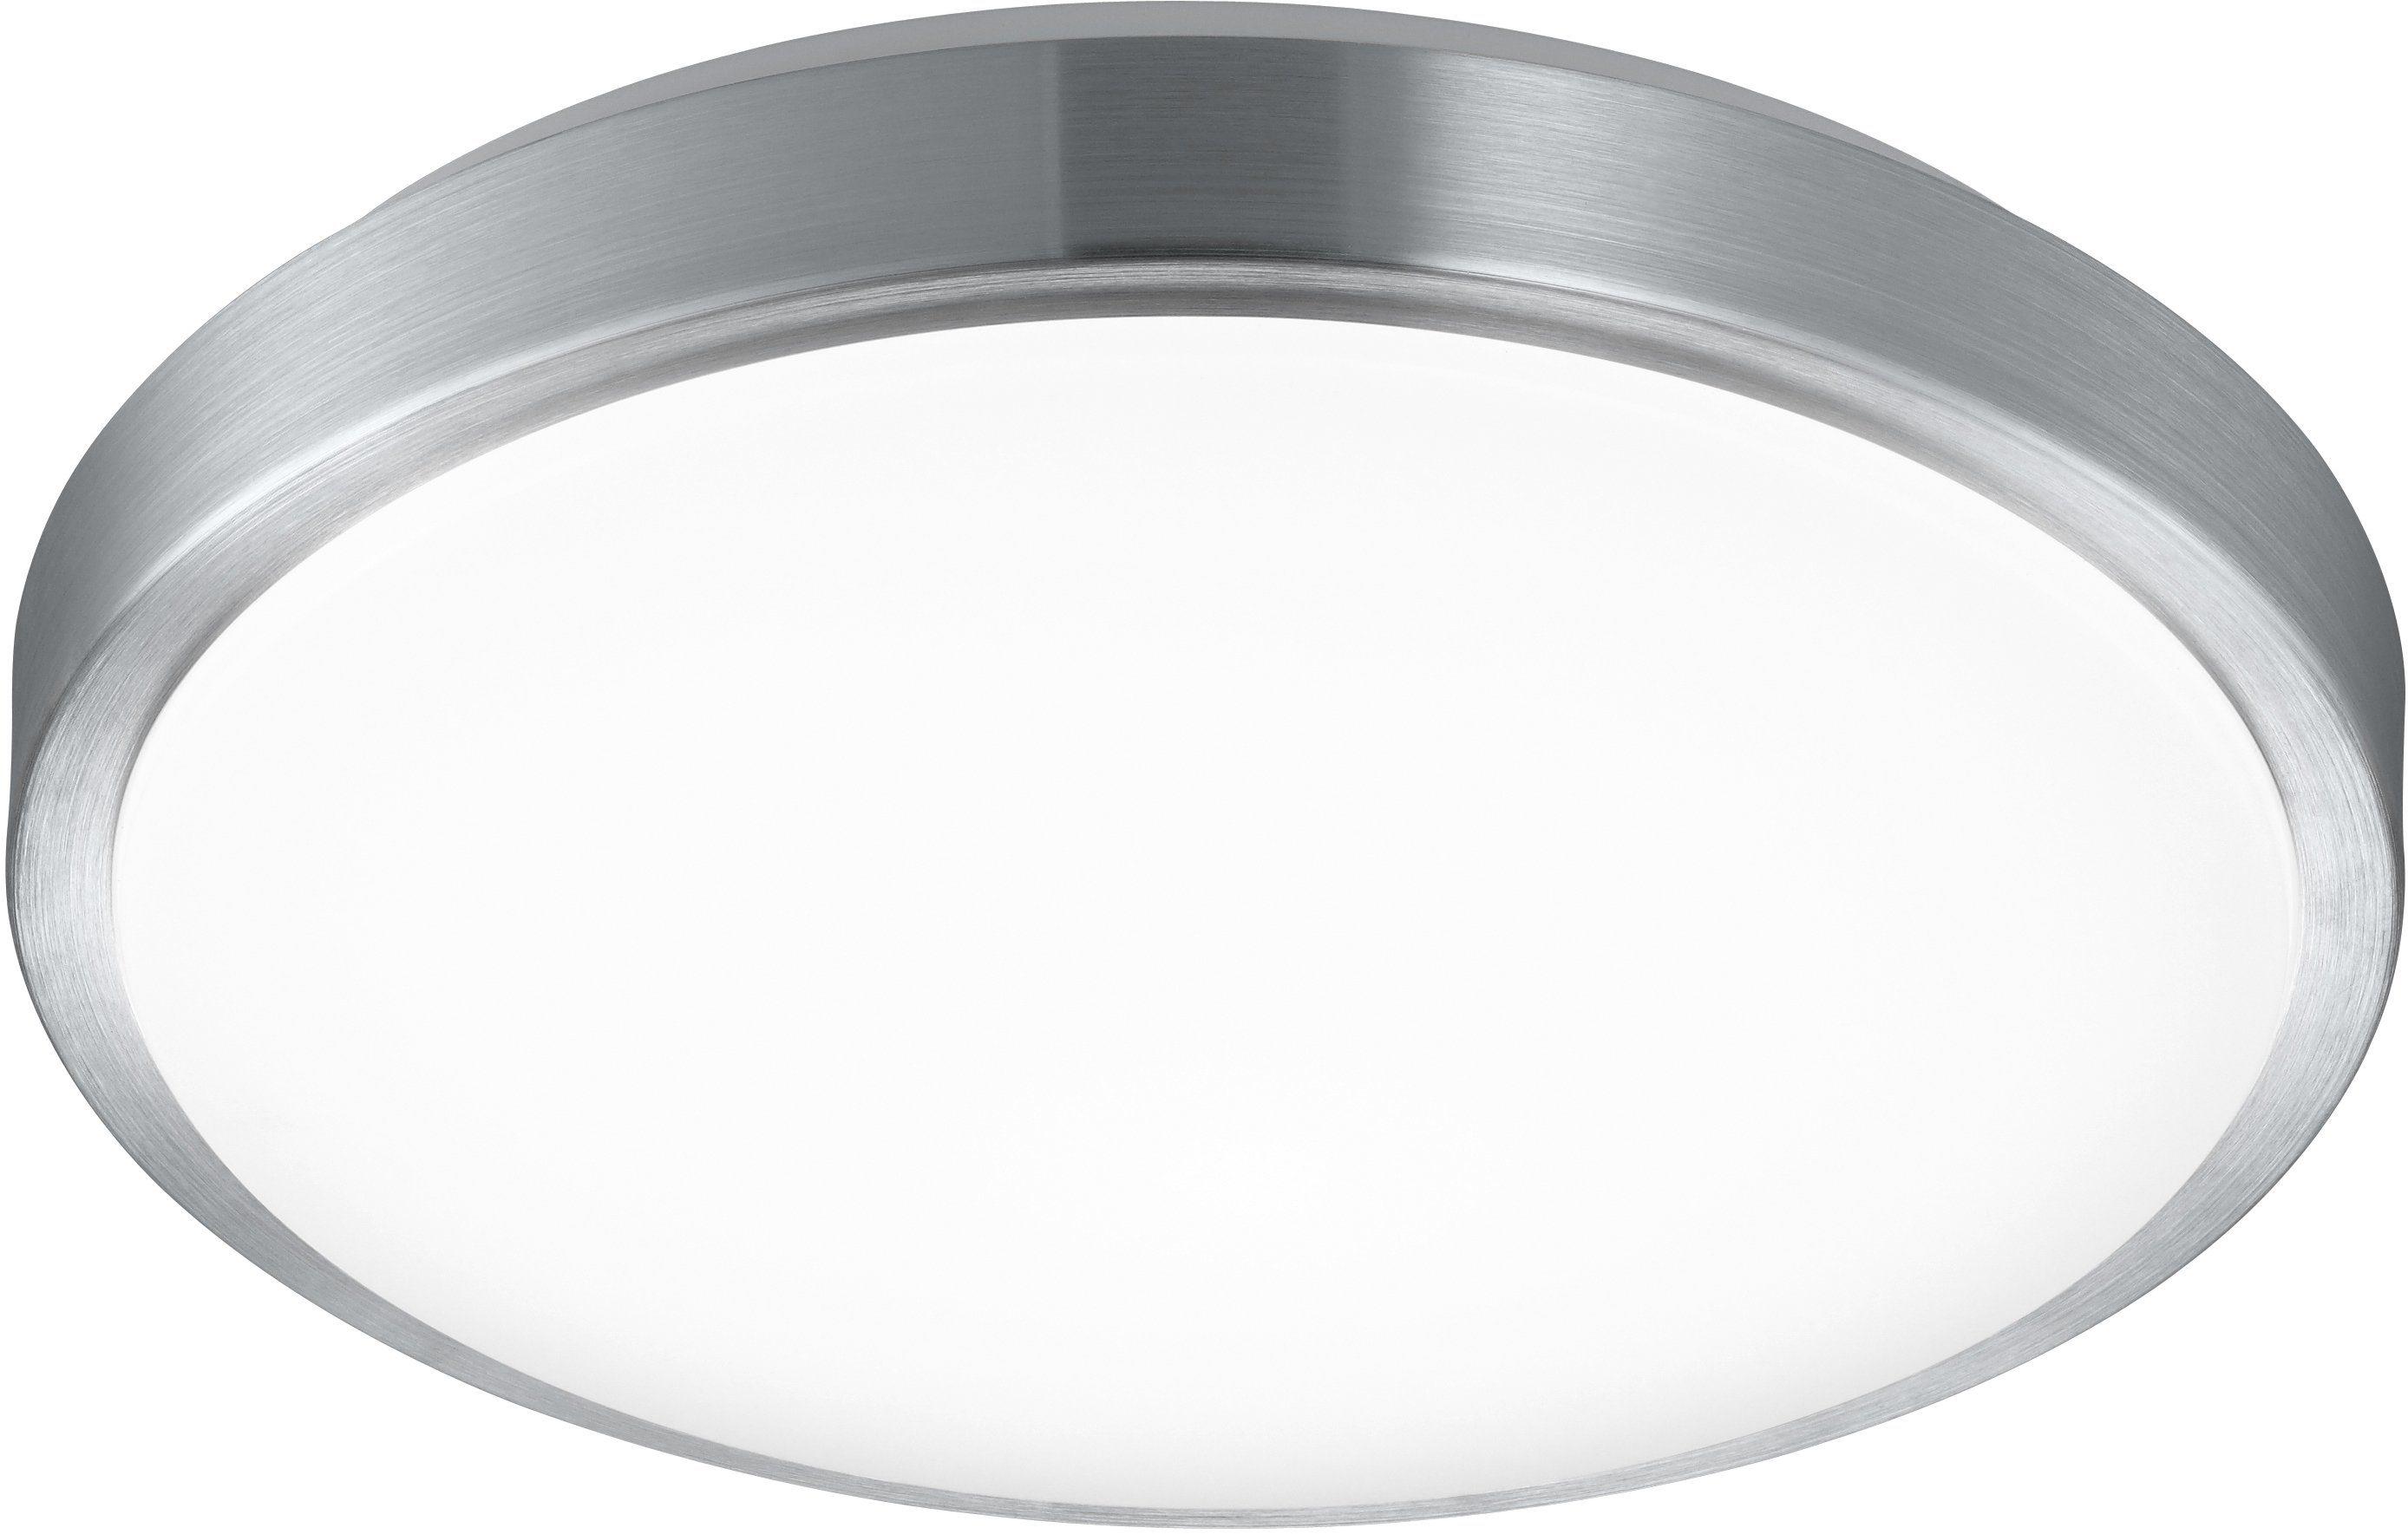 TRIO Leuchten LED Deckenleuchte »LORDANOS«, 1-flammig